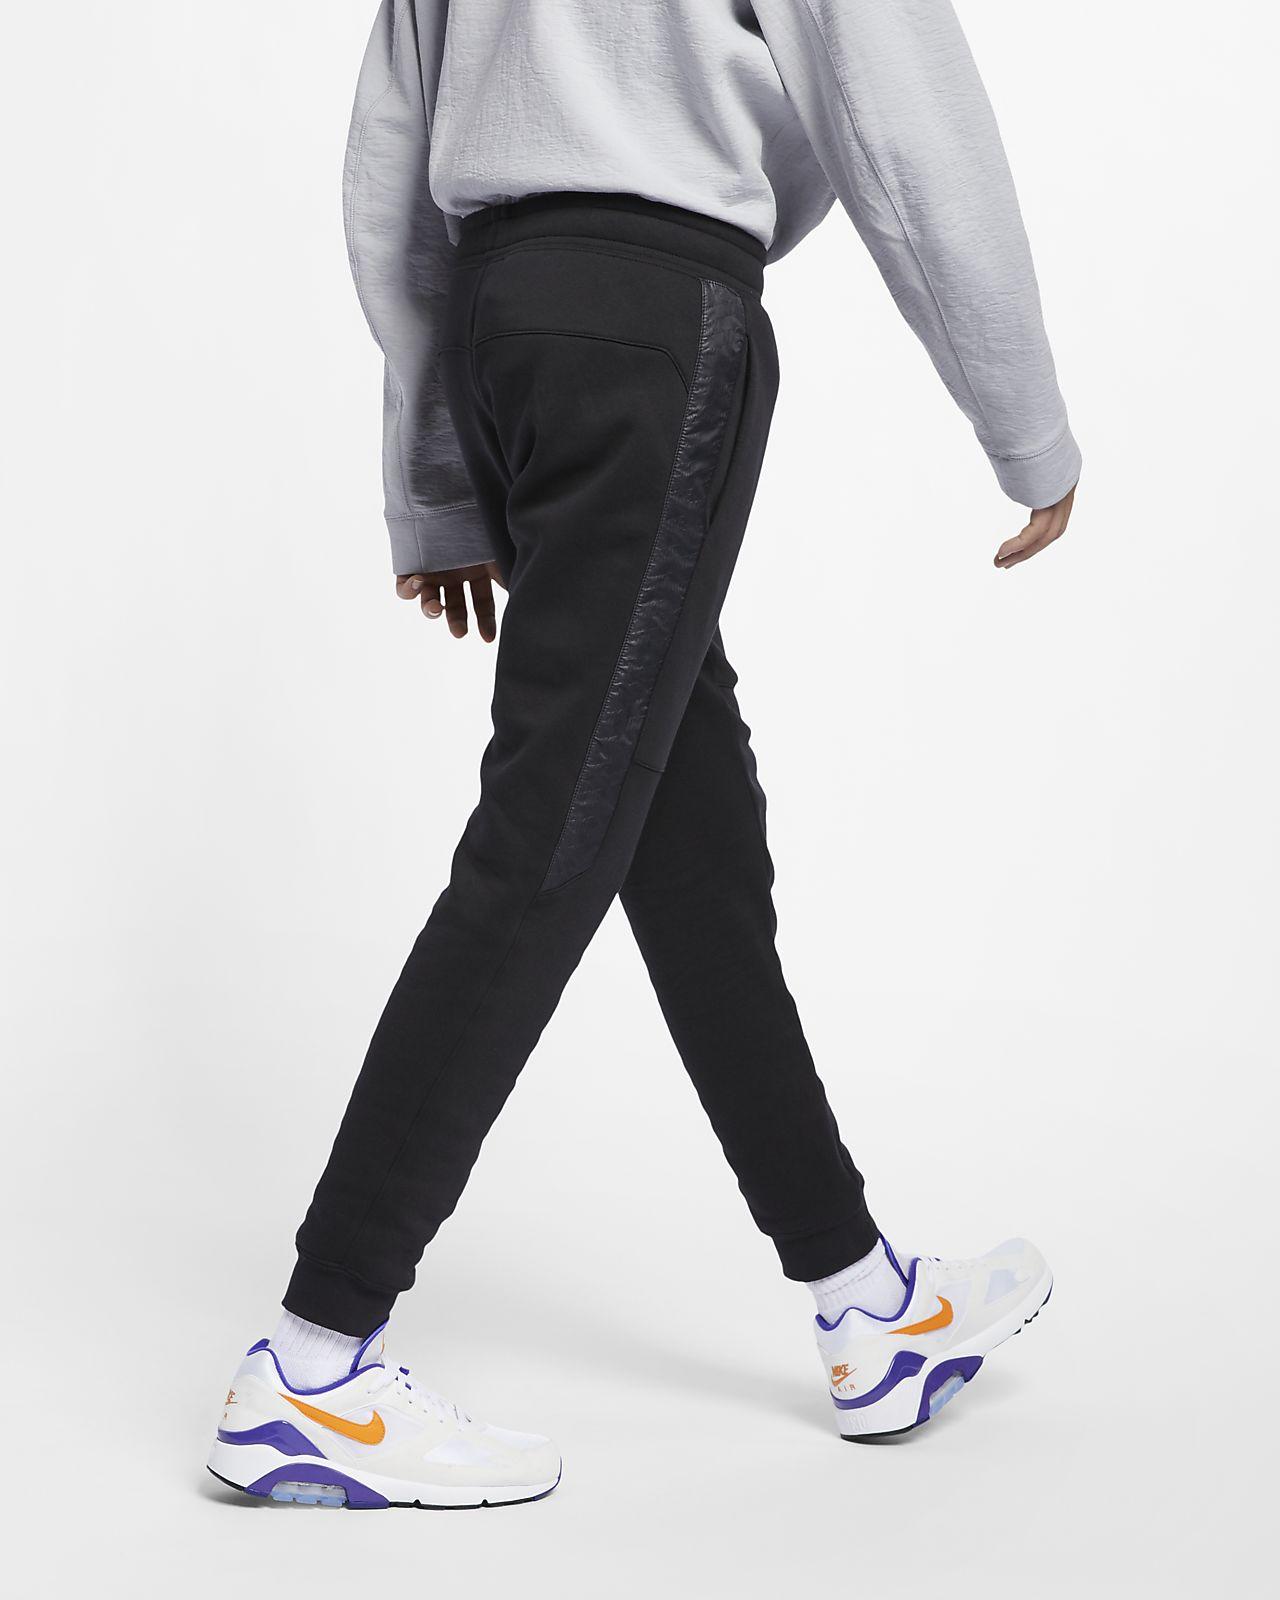 3d9691ab4a6cd0 Low Resolution Nike Sportswear Men's Joggers Nike Sportswear Men's Joggers